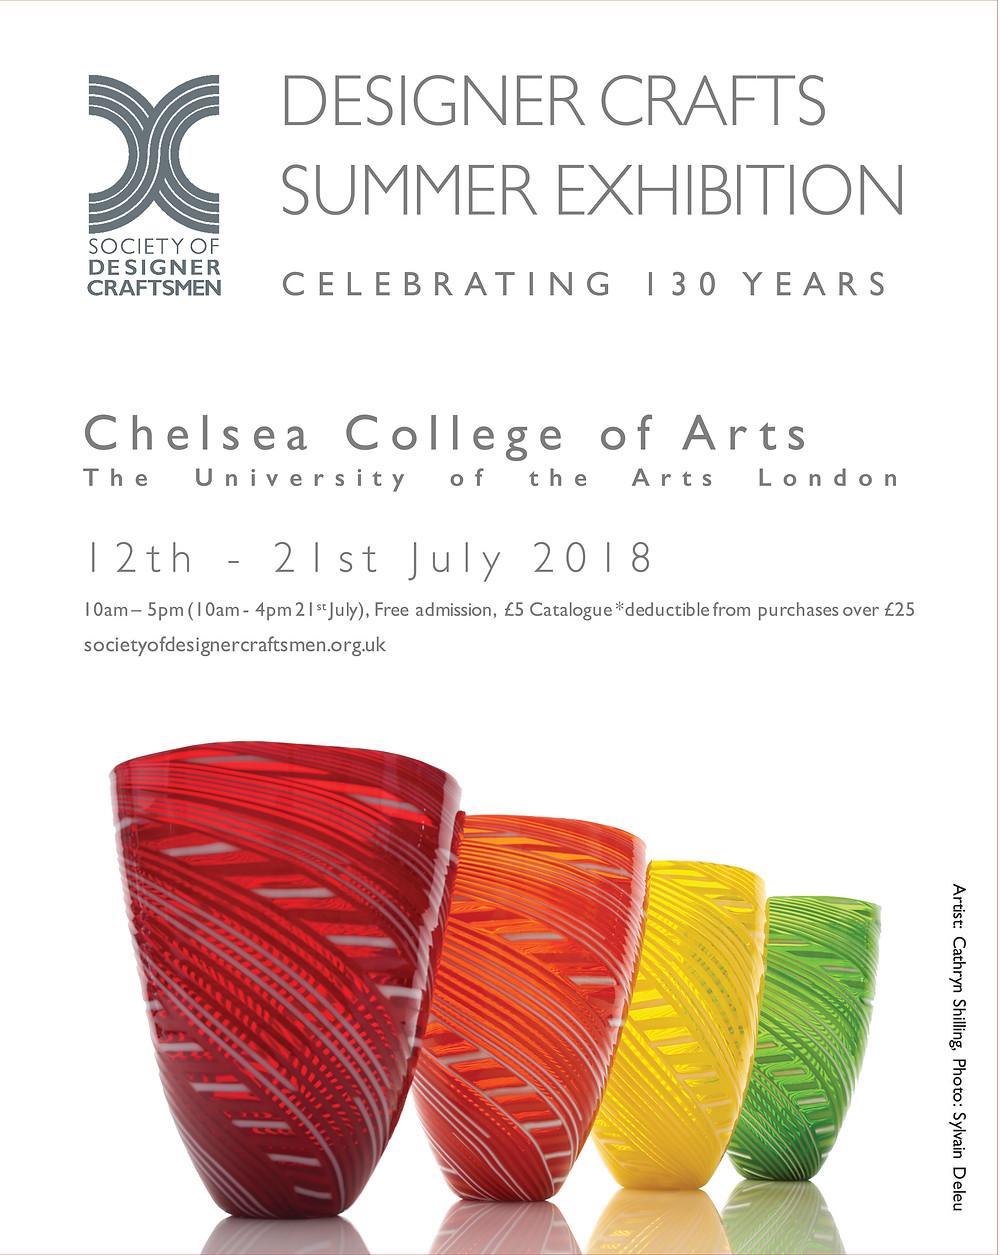 SDC Designer Crafts Summer Exhibition 2018